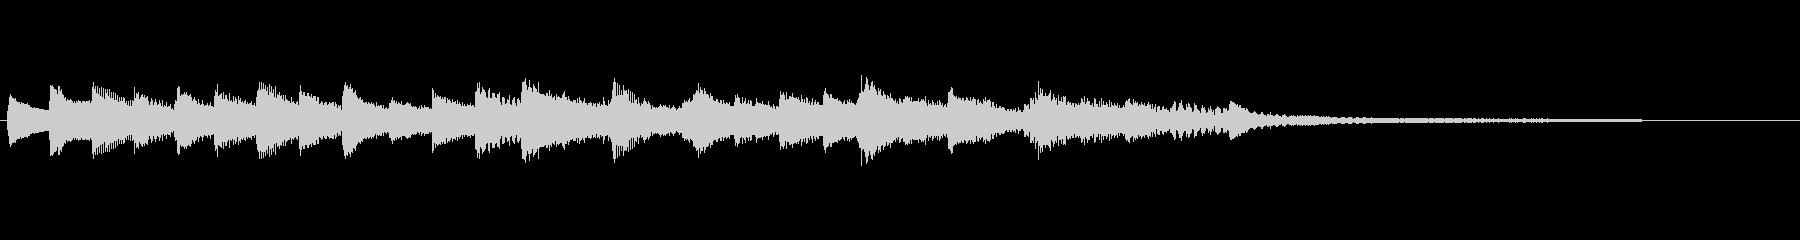 悲しいピアノジングル/アルペジオの未再生の波形